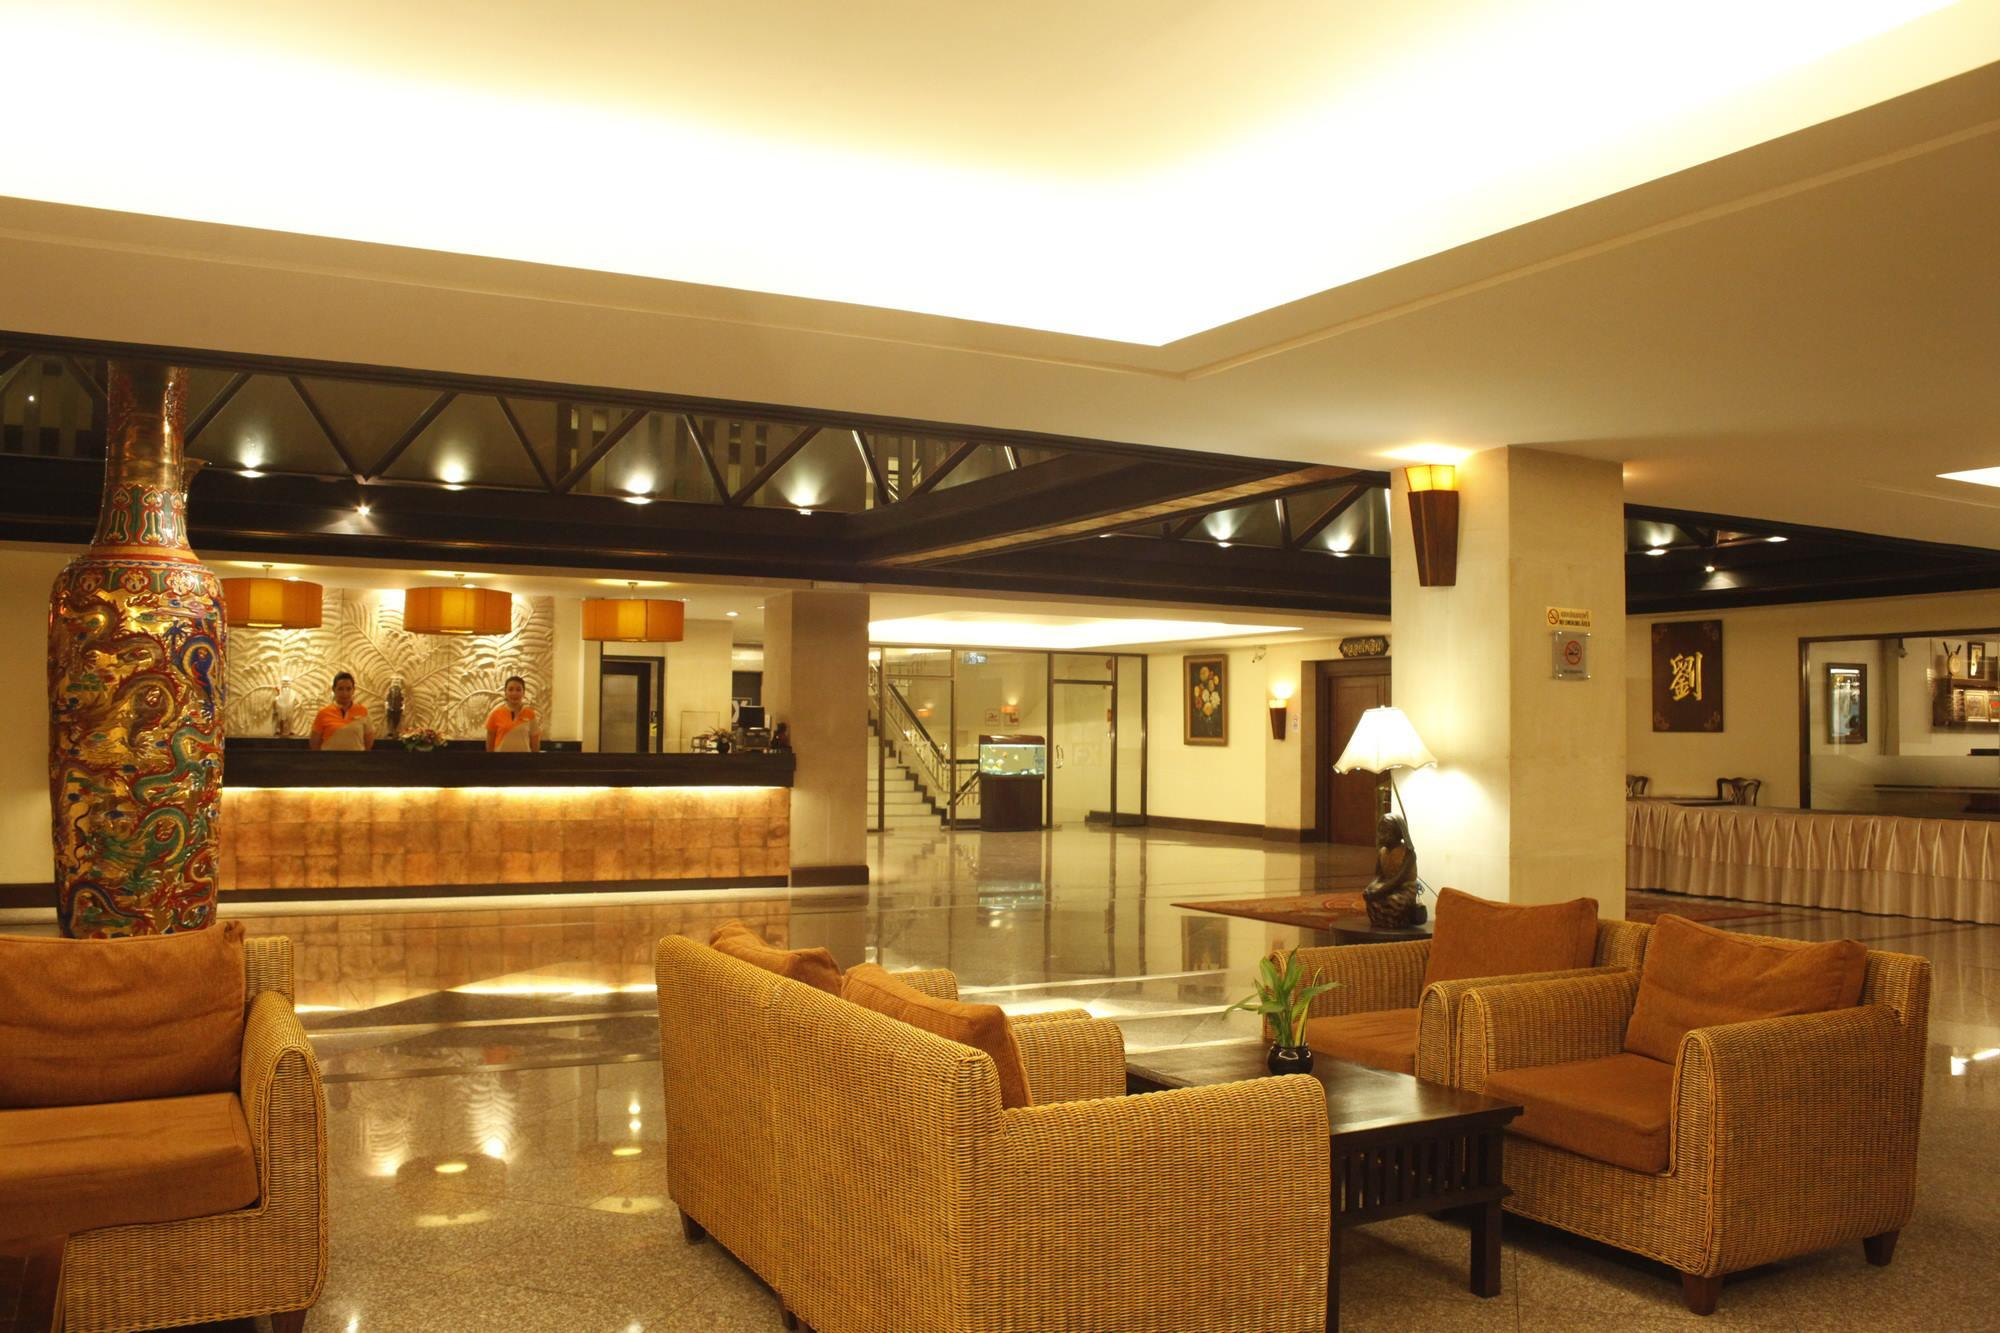 โรงแรมรอยัล เพนนินซูลา เชียงใหม่ - เชียงใหม่ ราคาพิเศษ